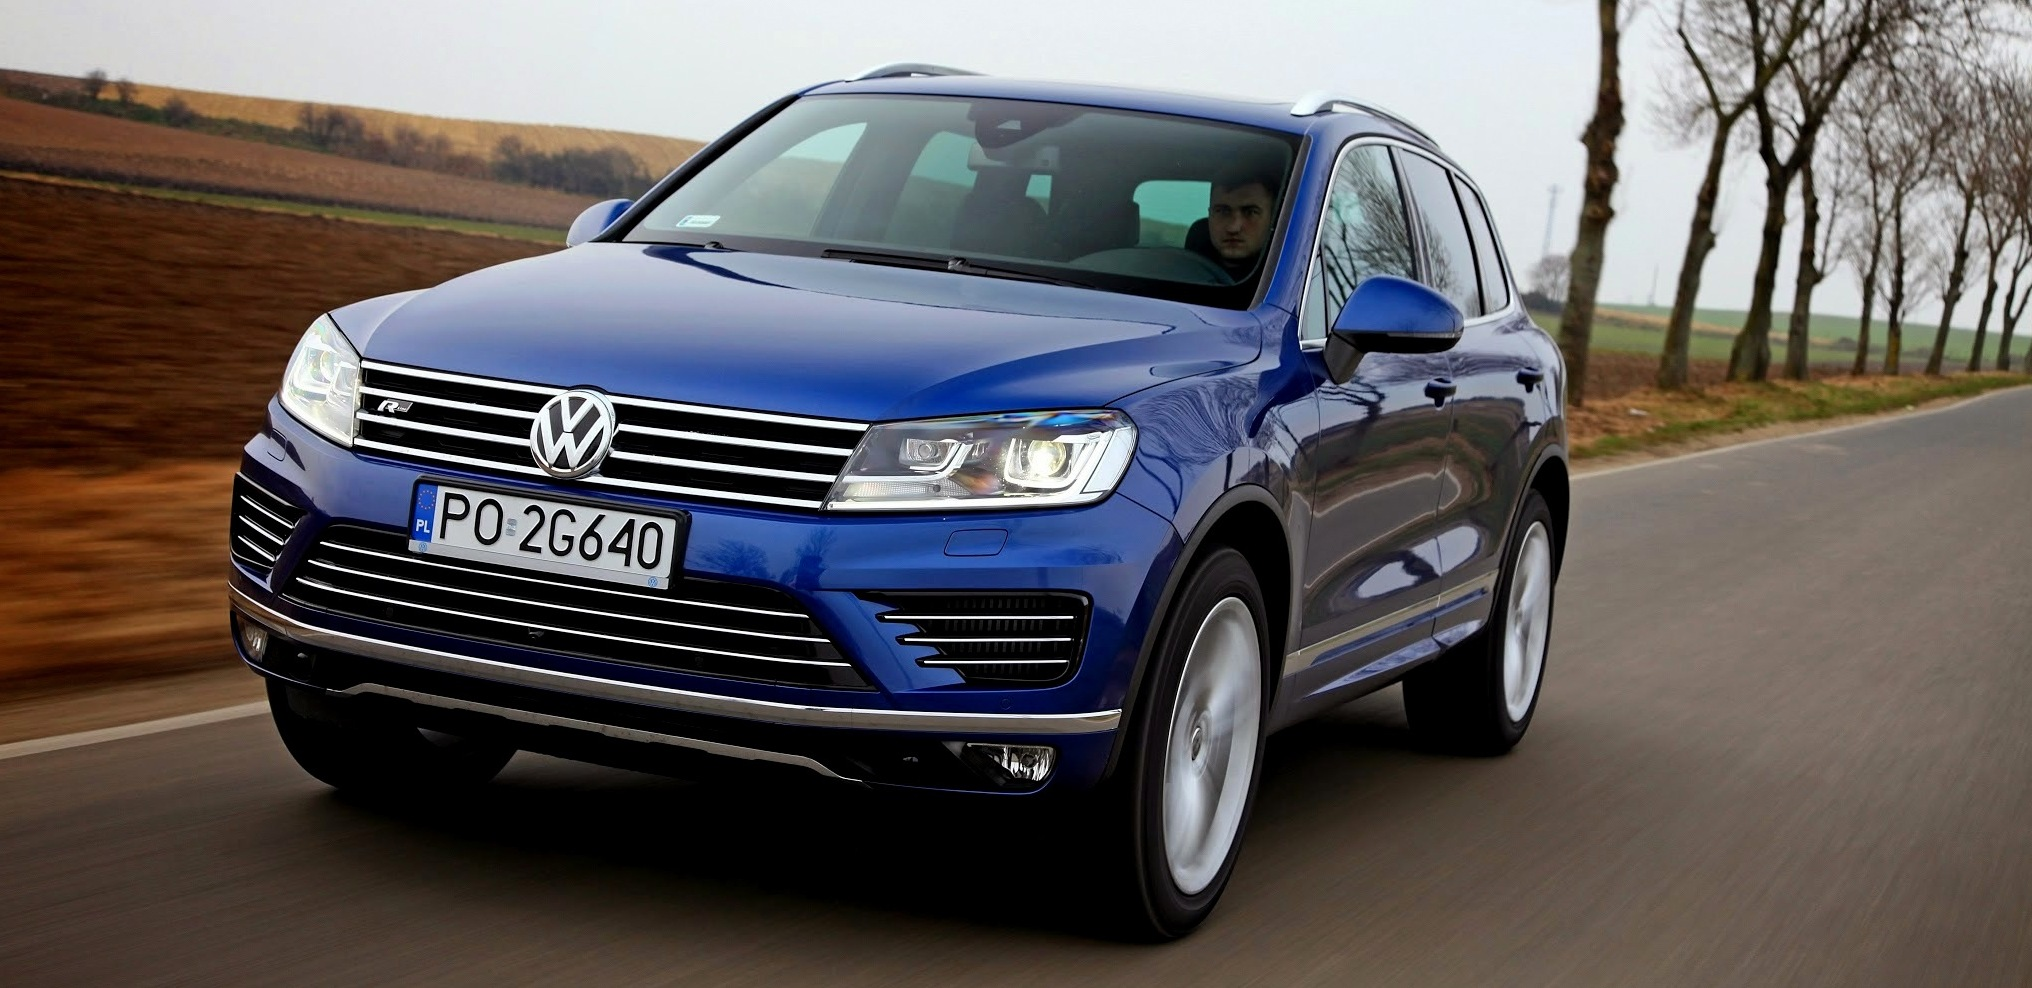 Volkswagen touareg 2021: премиум-внедорожник в классической кроссоверной компоновке